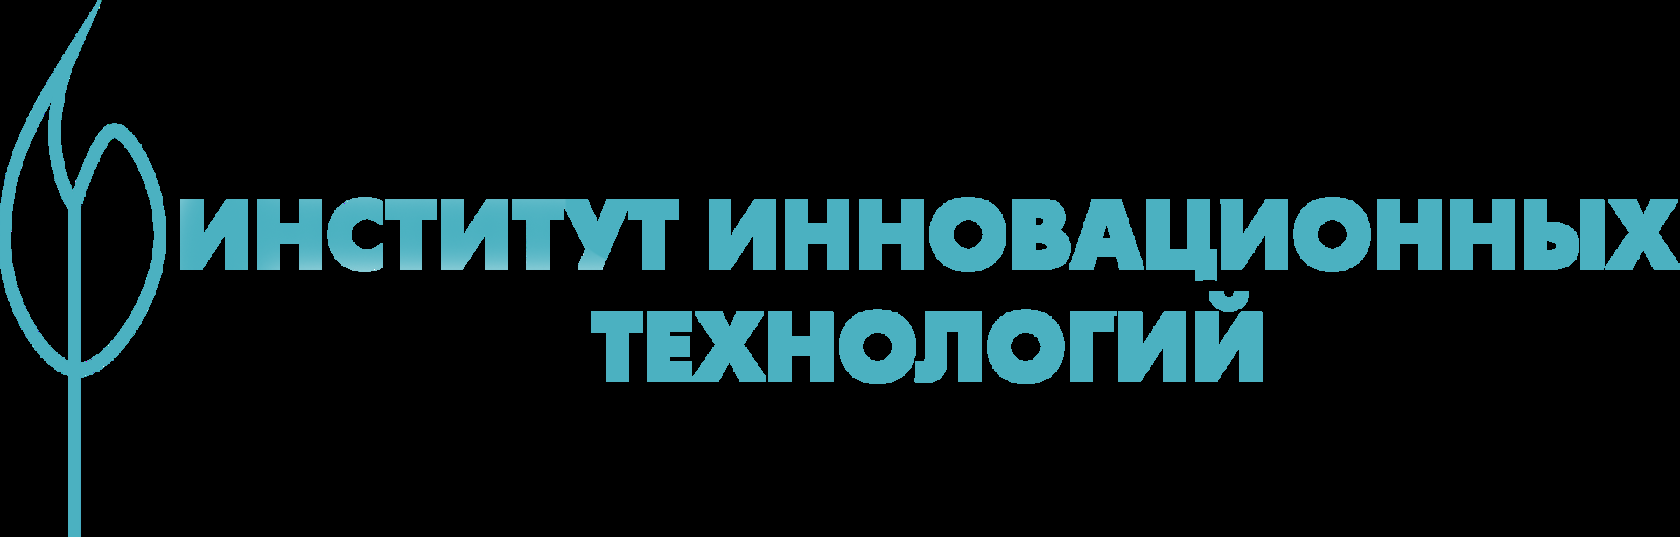 Институт инновационных технологий